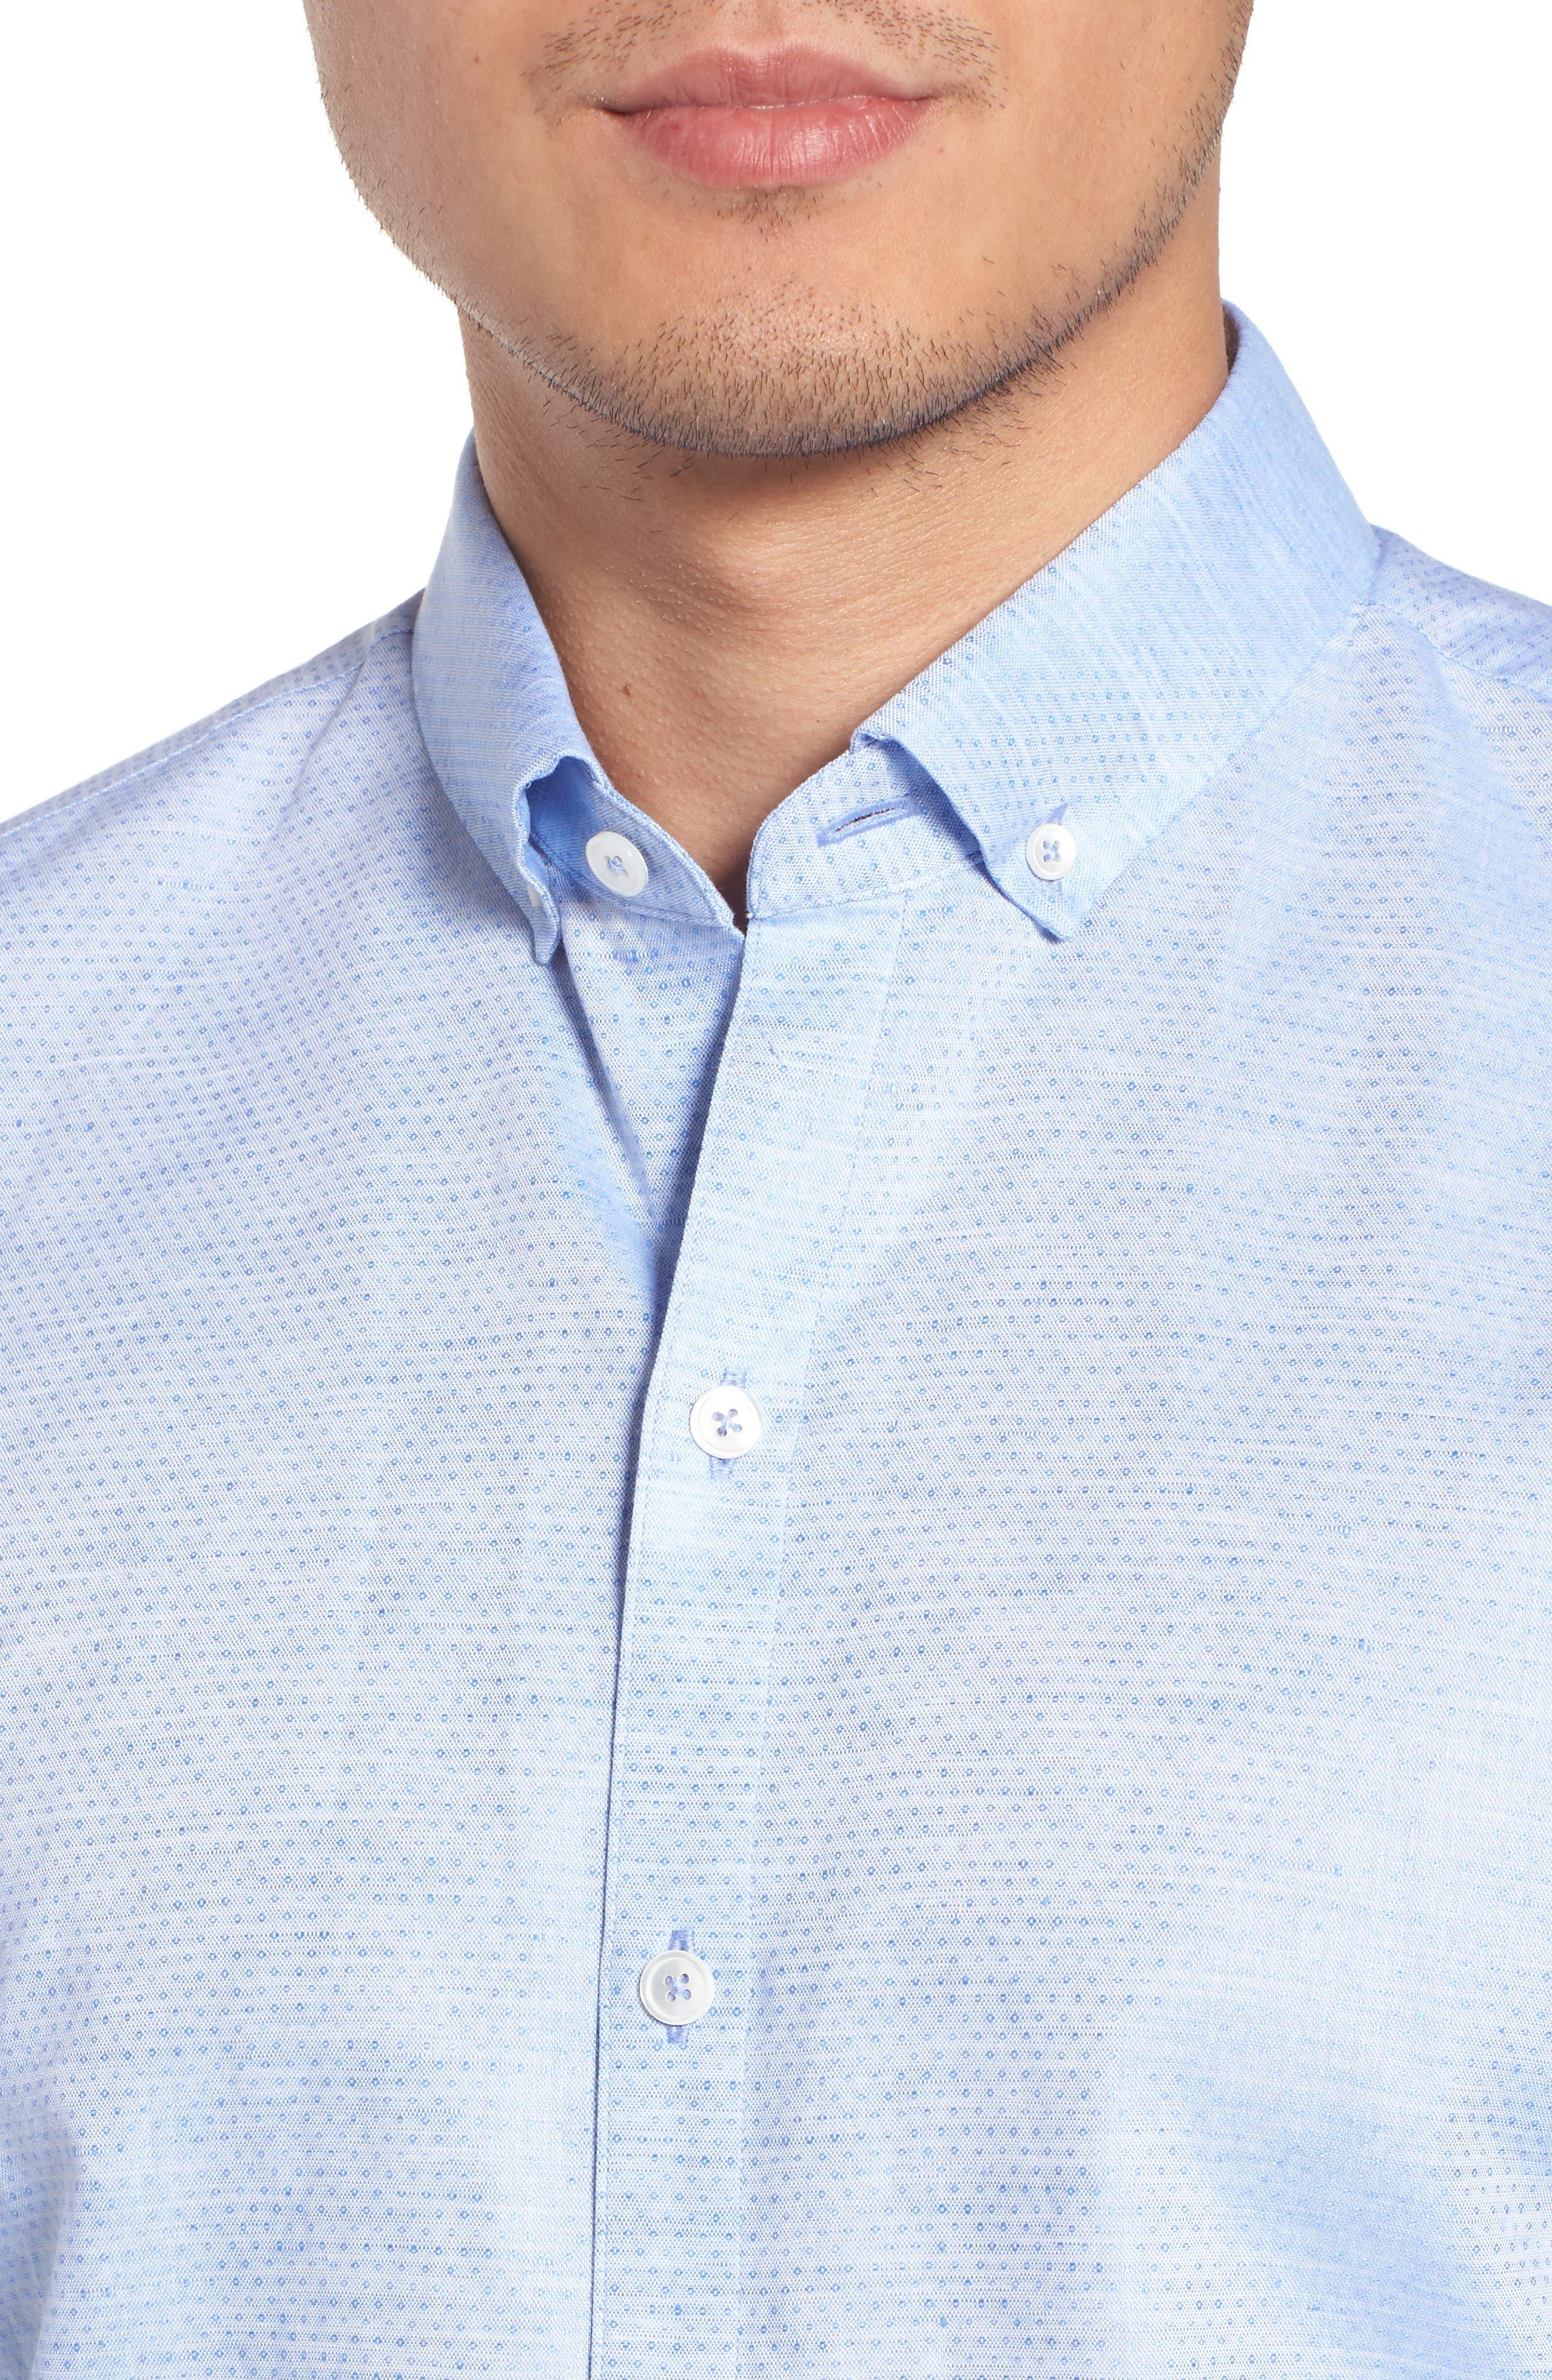 Gomis Regular Fit Dobby Sport Shirt,                             Alternate thumbnail 4, color,                             450